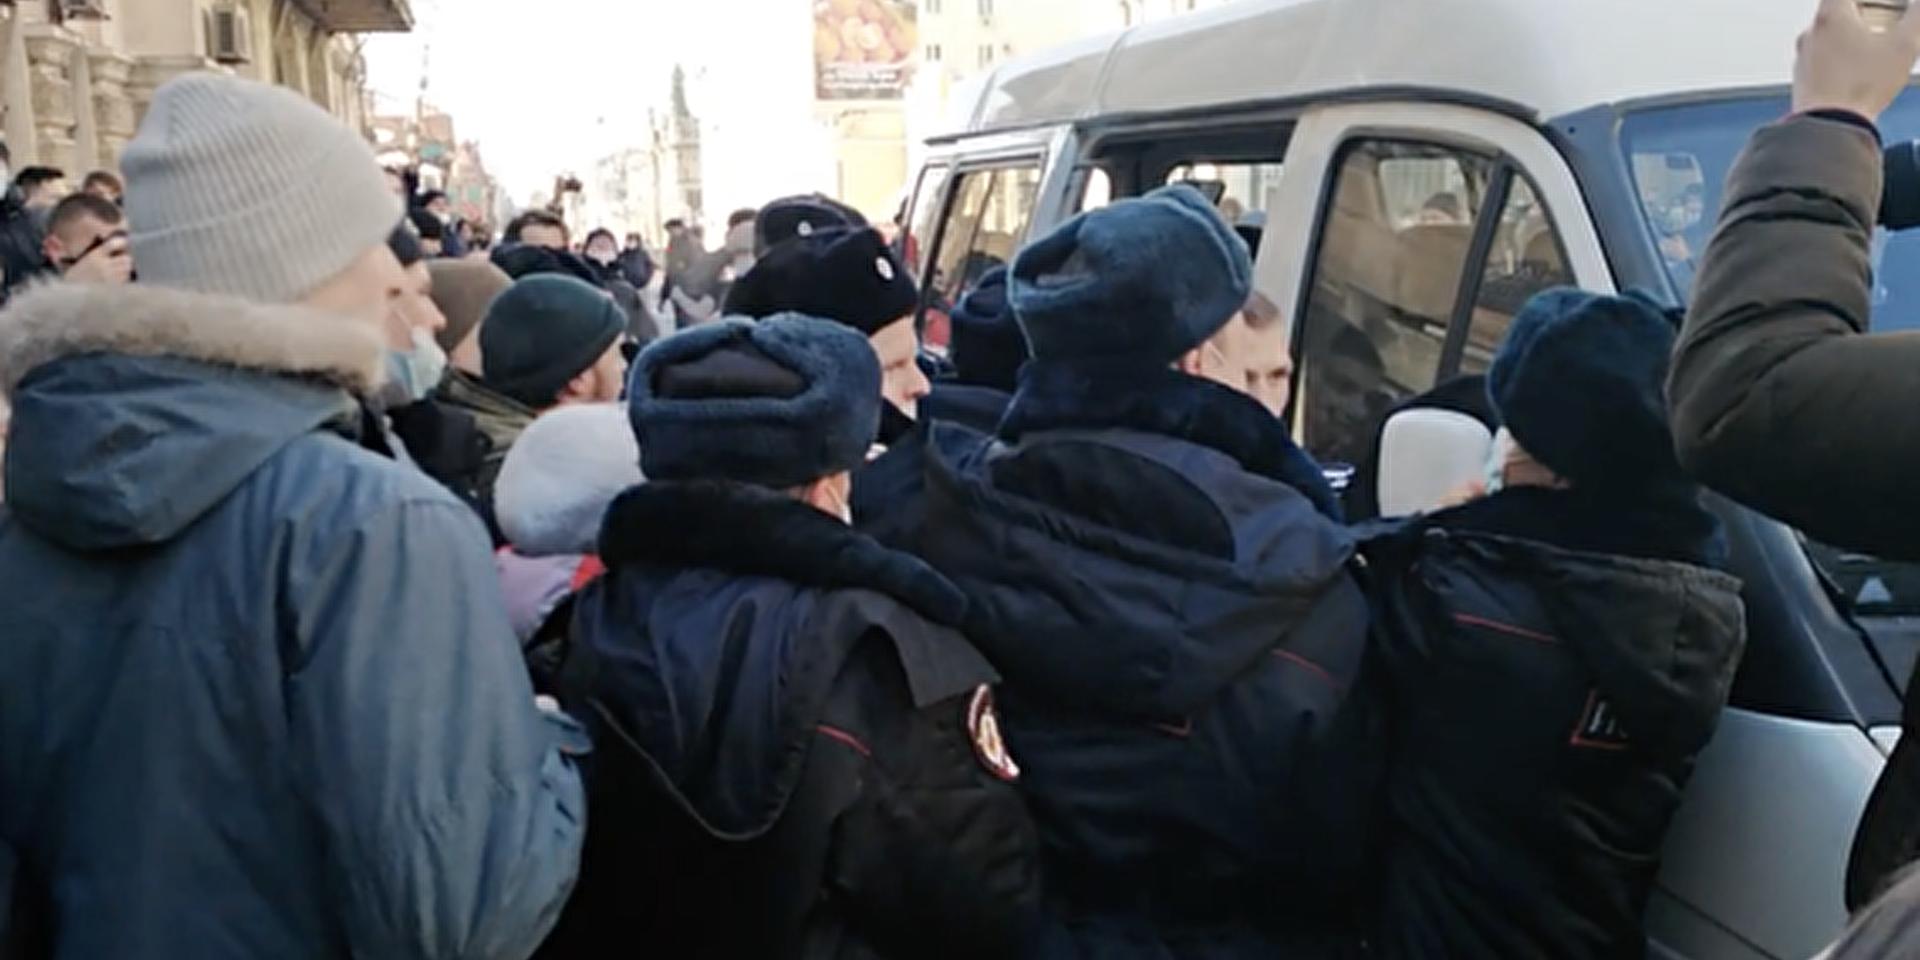 Эксперты раскритиковали оппозицию за использование детей в политических целях